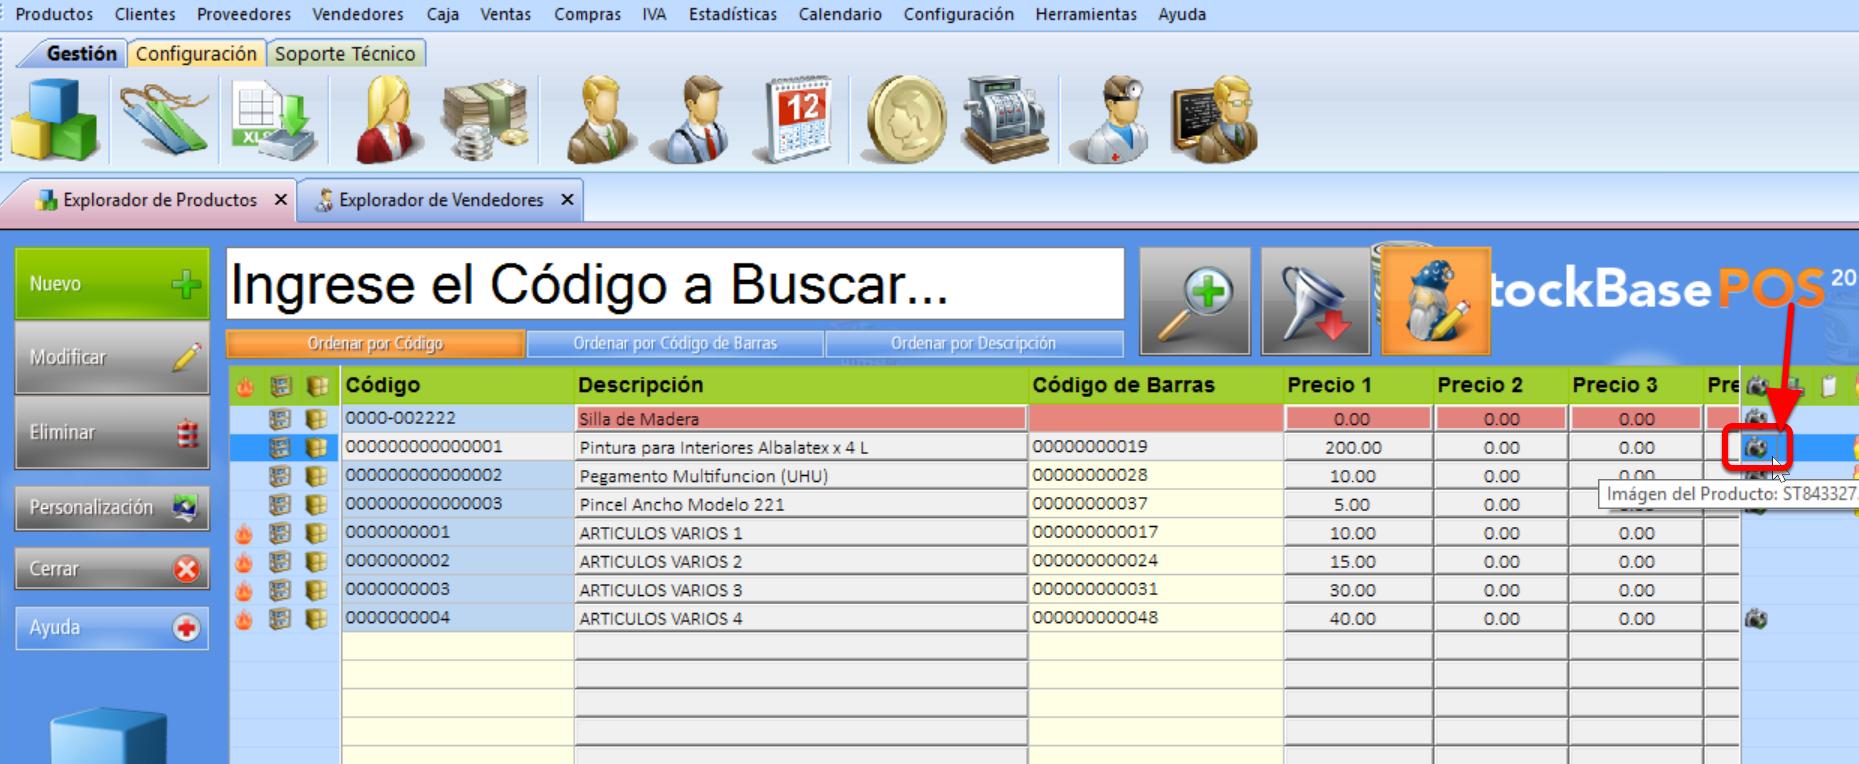 Explorador de Productos - icono de un registro que contiene imagen